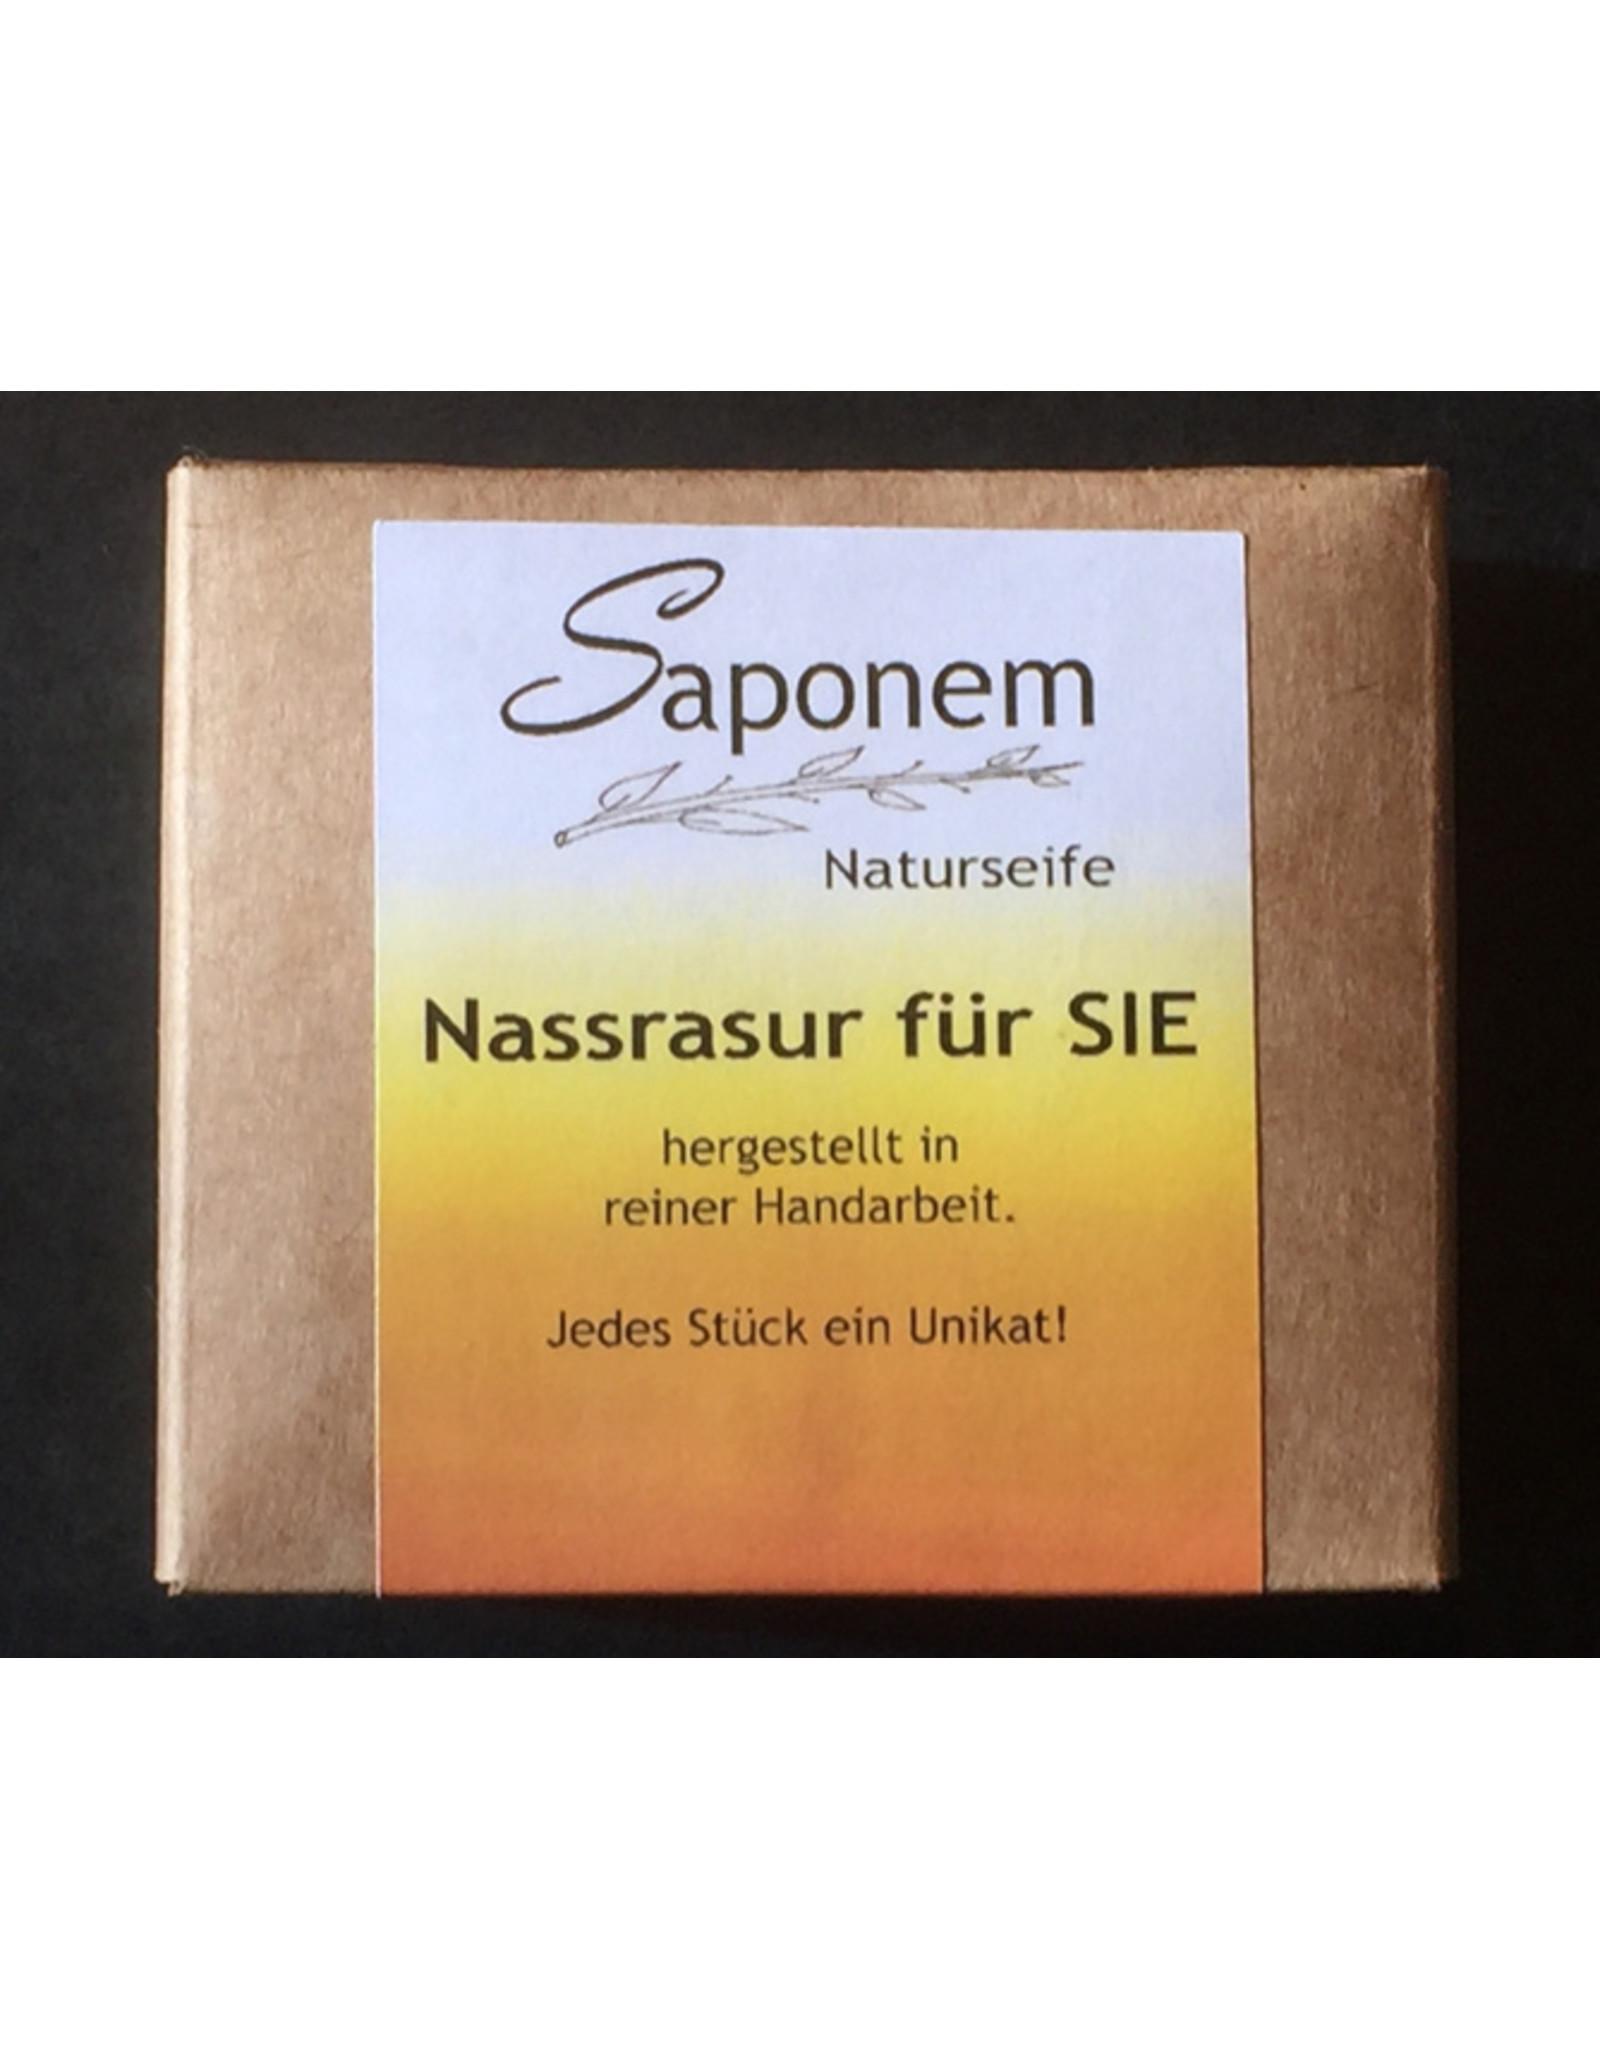 Saponem Nassrasur Seife für Sie   -  Vegan